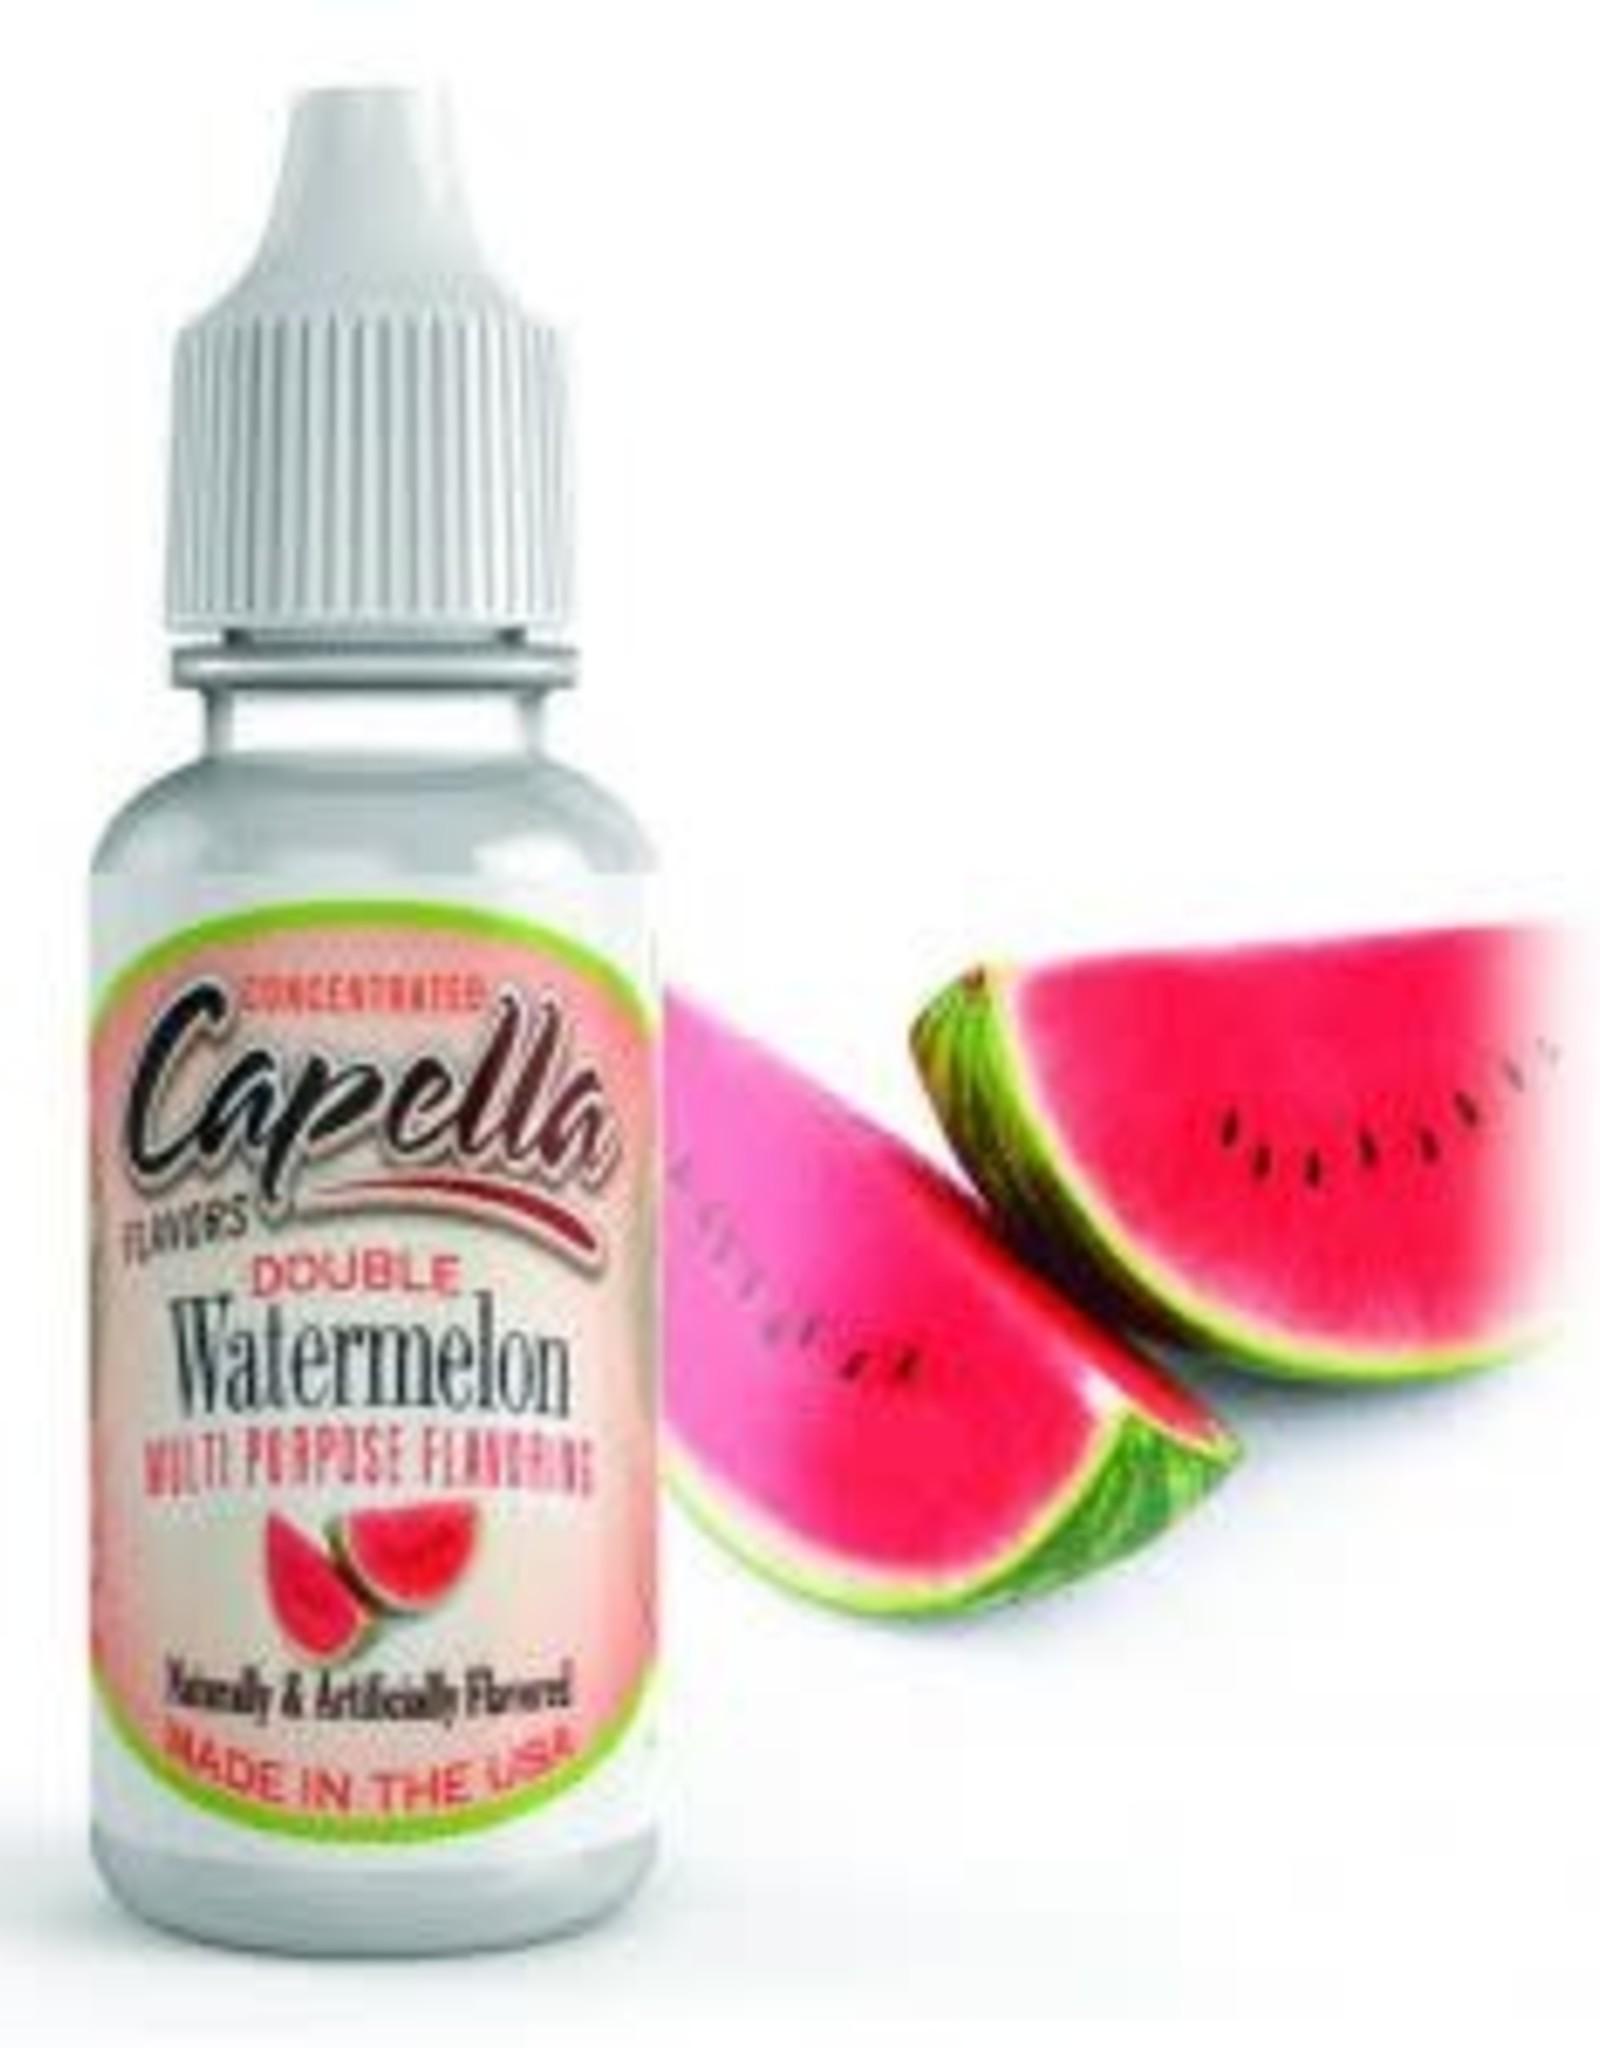 Capella Capella - Double Watermelon Aroma 13ml